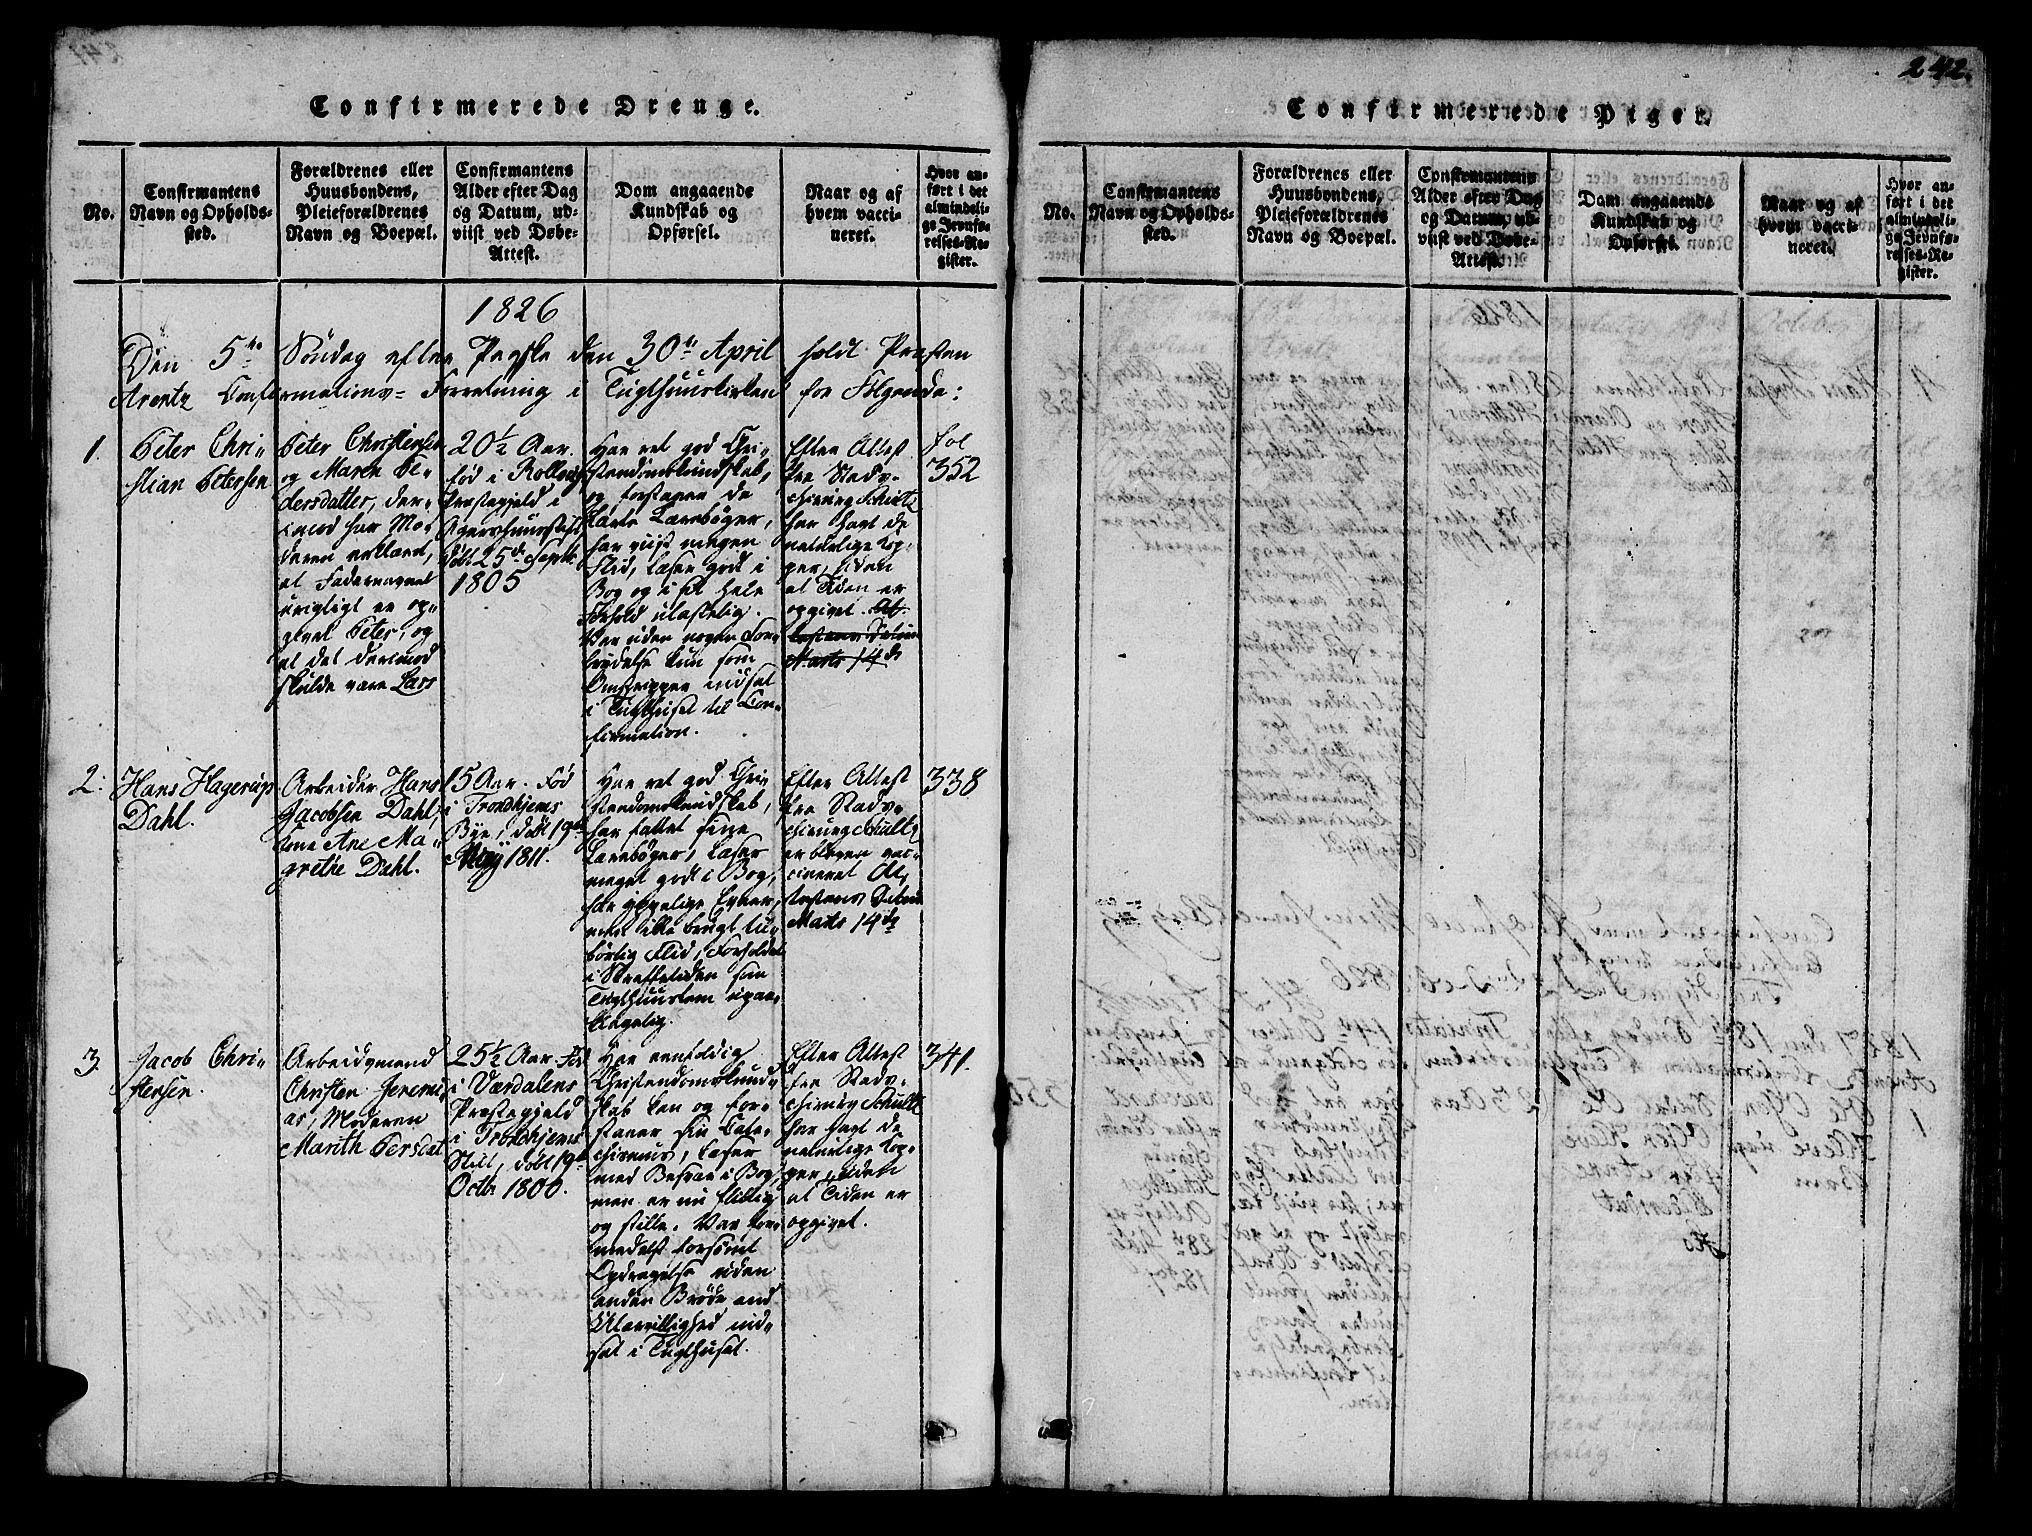 SAT, Ministerialprotokoller, klokkerbøker og fødselsregistre - Sør-Trøndelag, 623/L0478: Klokkerbok nr. 623C01, 1815-1873, s. 242